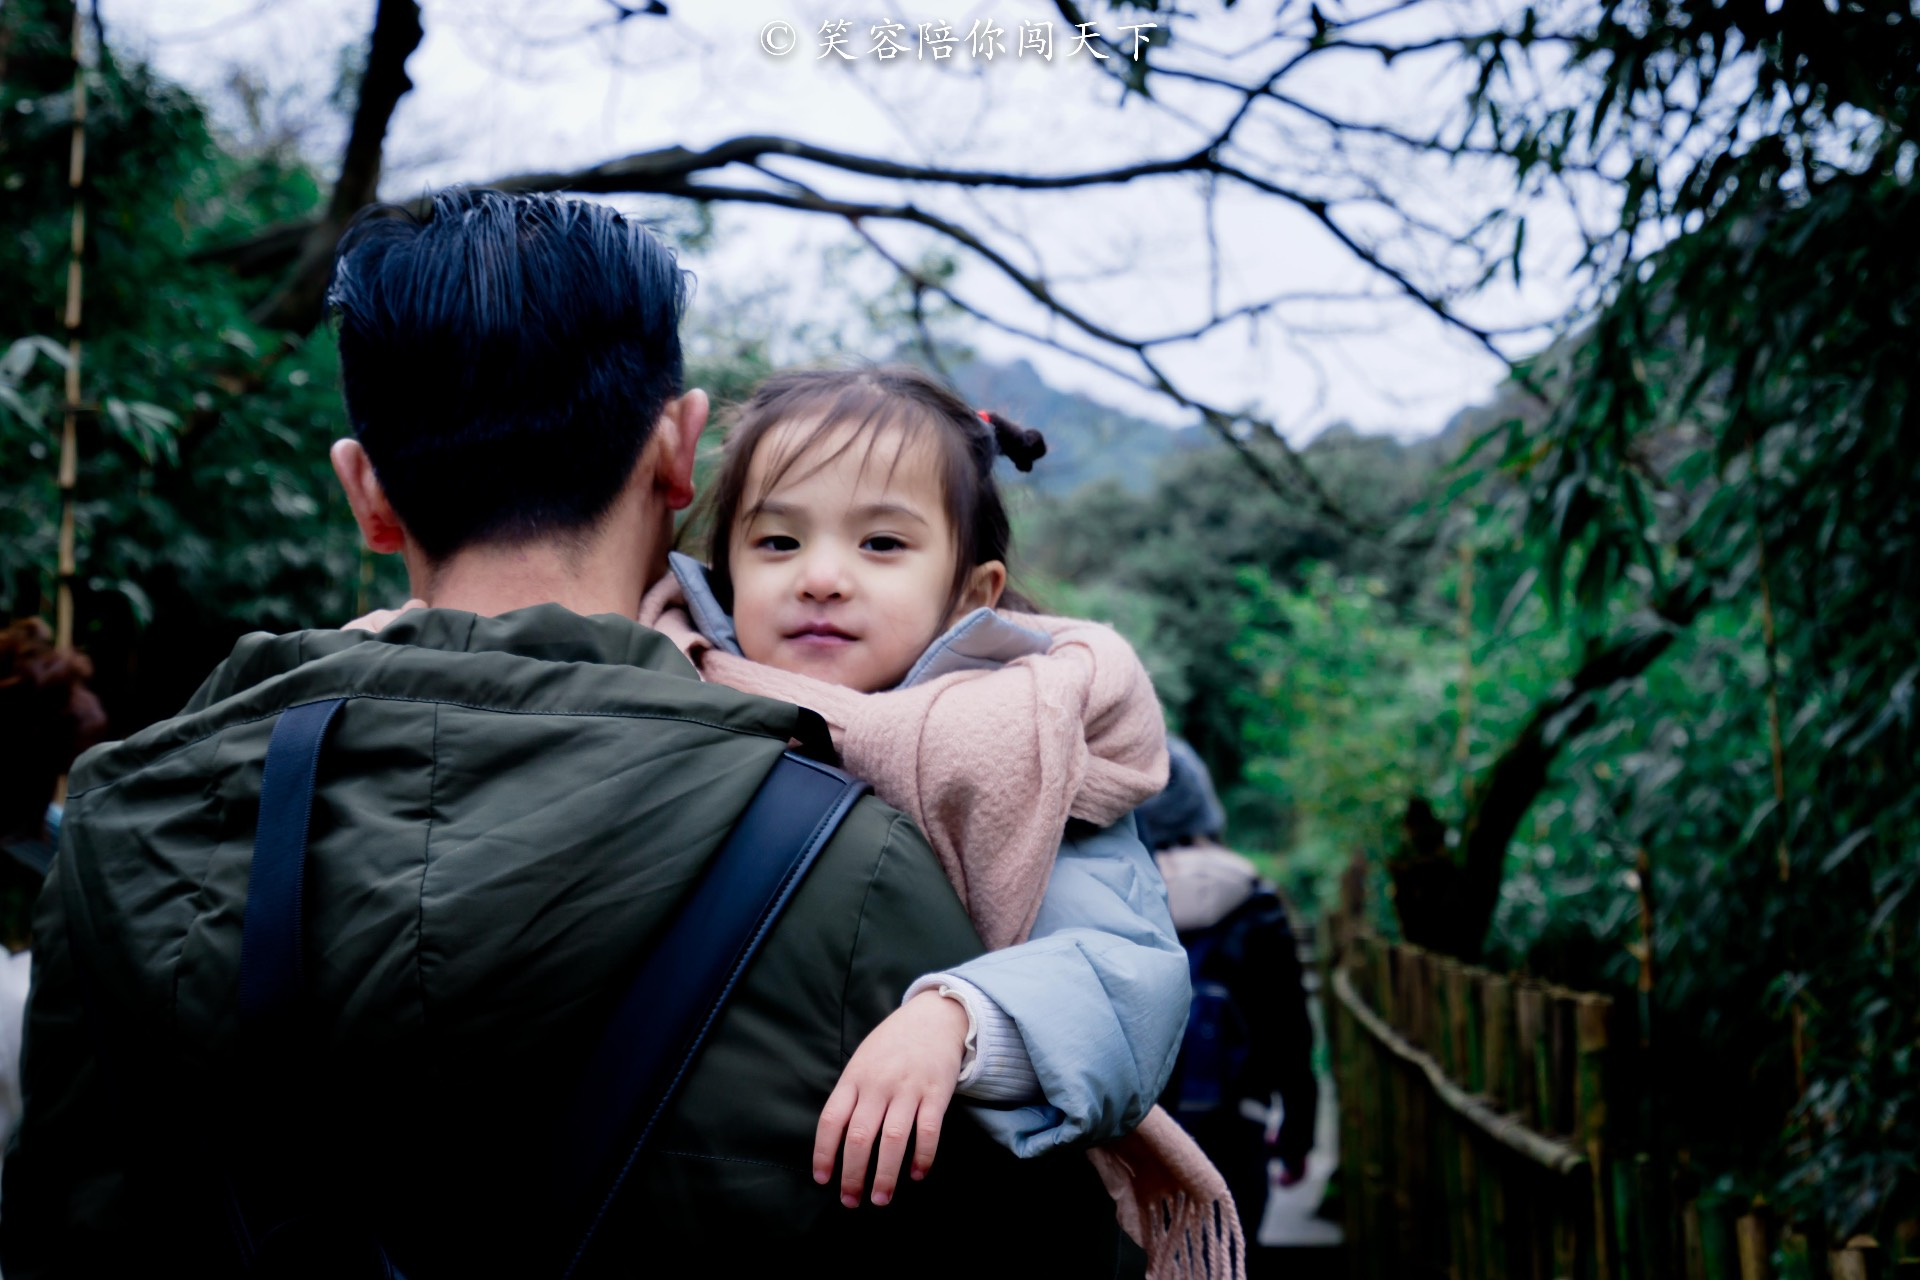 【旅行中的摄影师】你好,重庆,时隔4年,我们又见面了